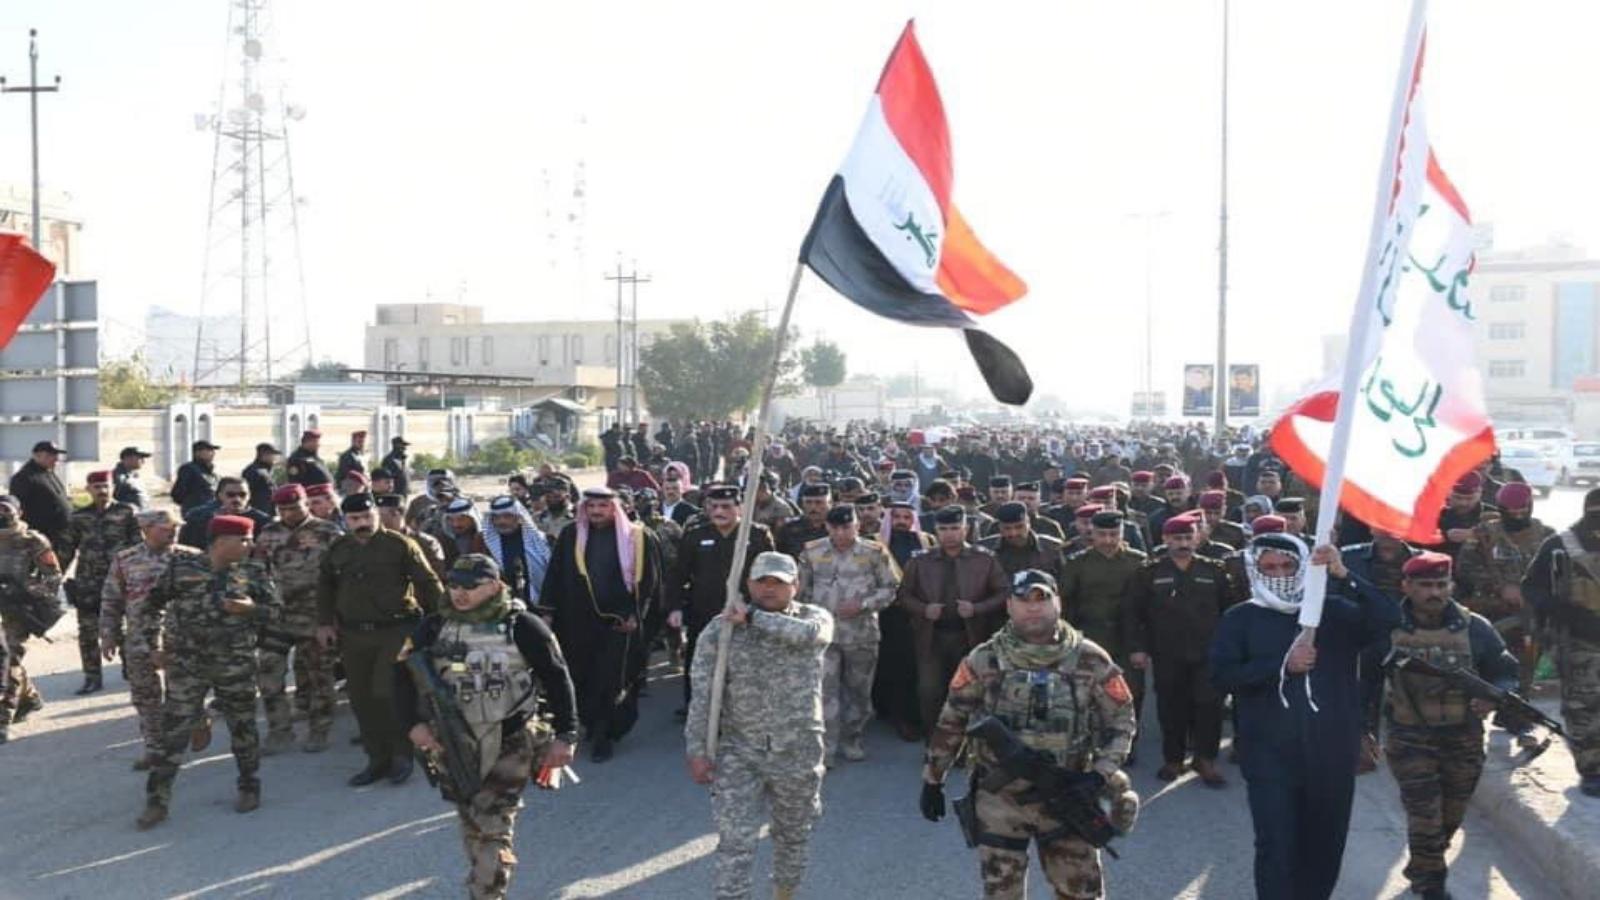 تشييع عنصر امن قتل خلال احتجاجات الناصرية الجنوبية